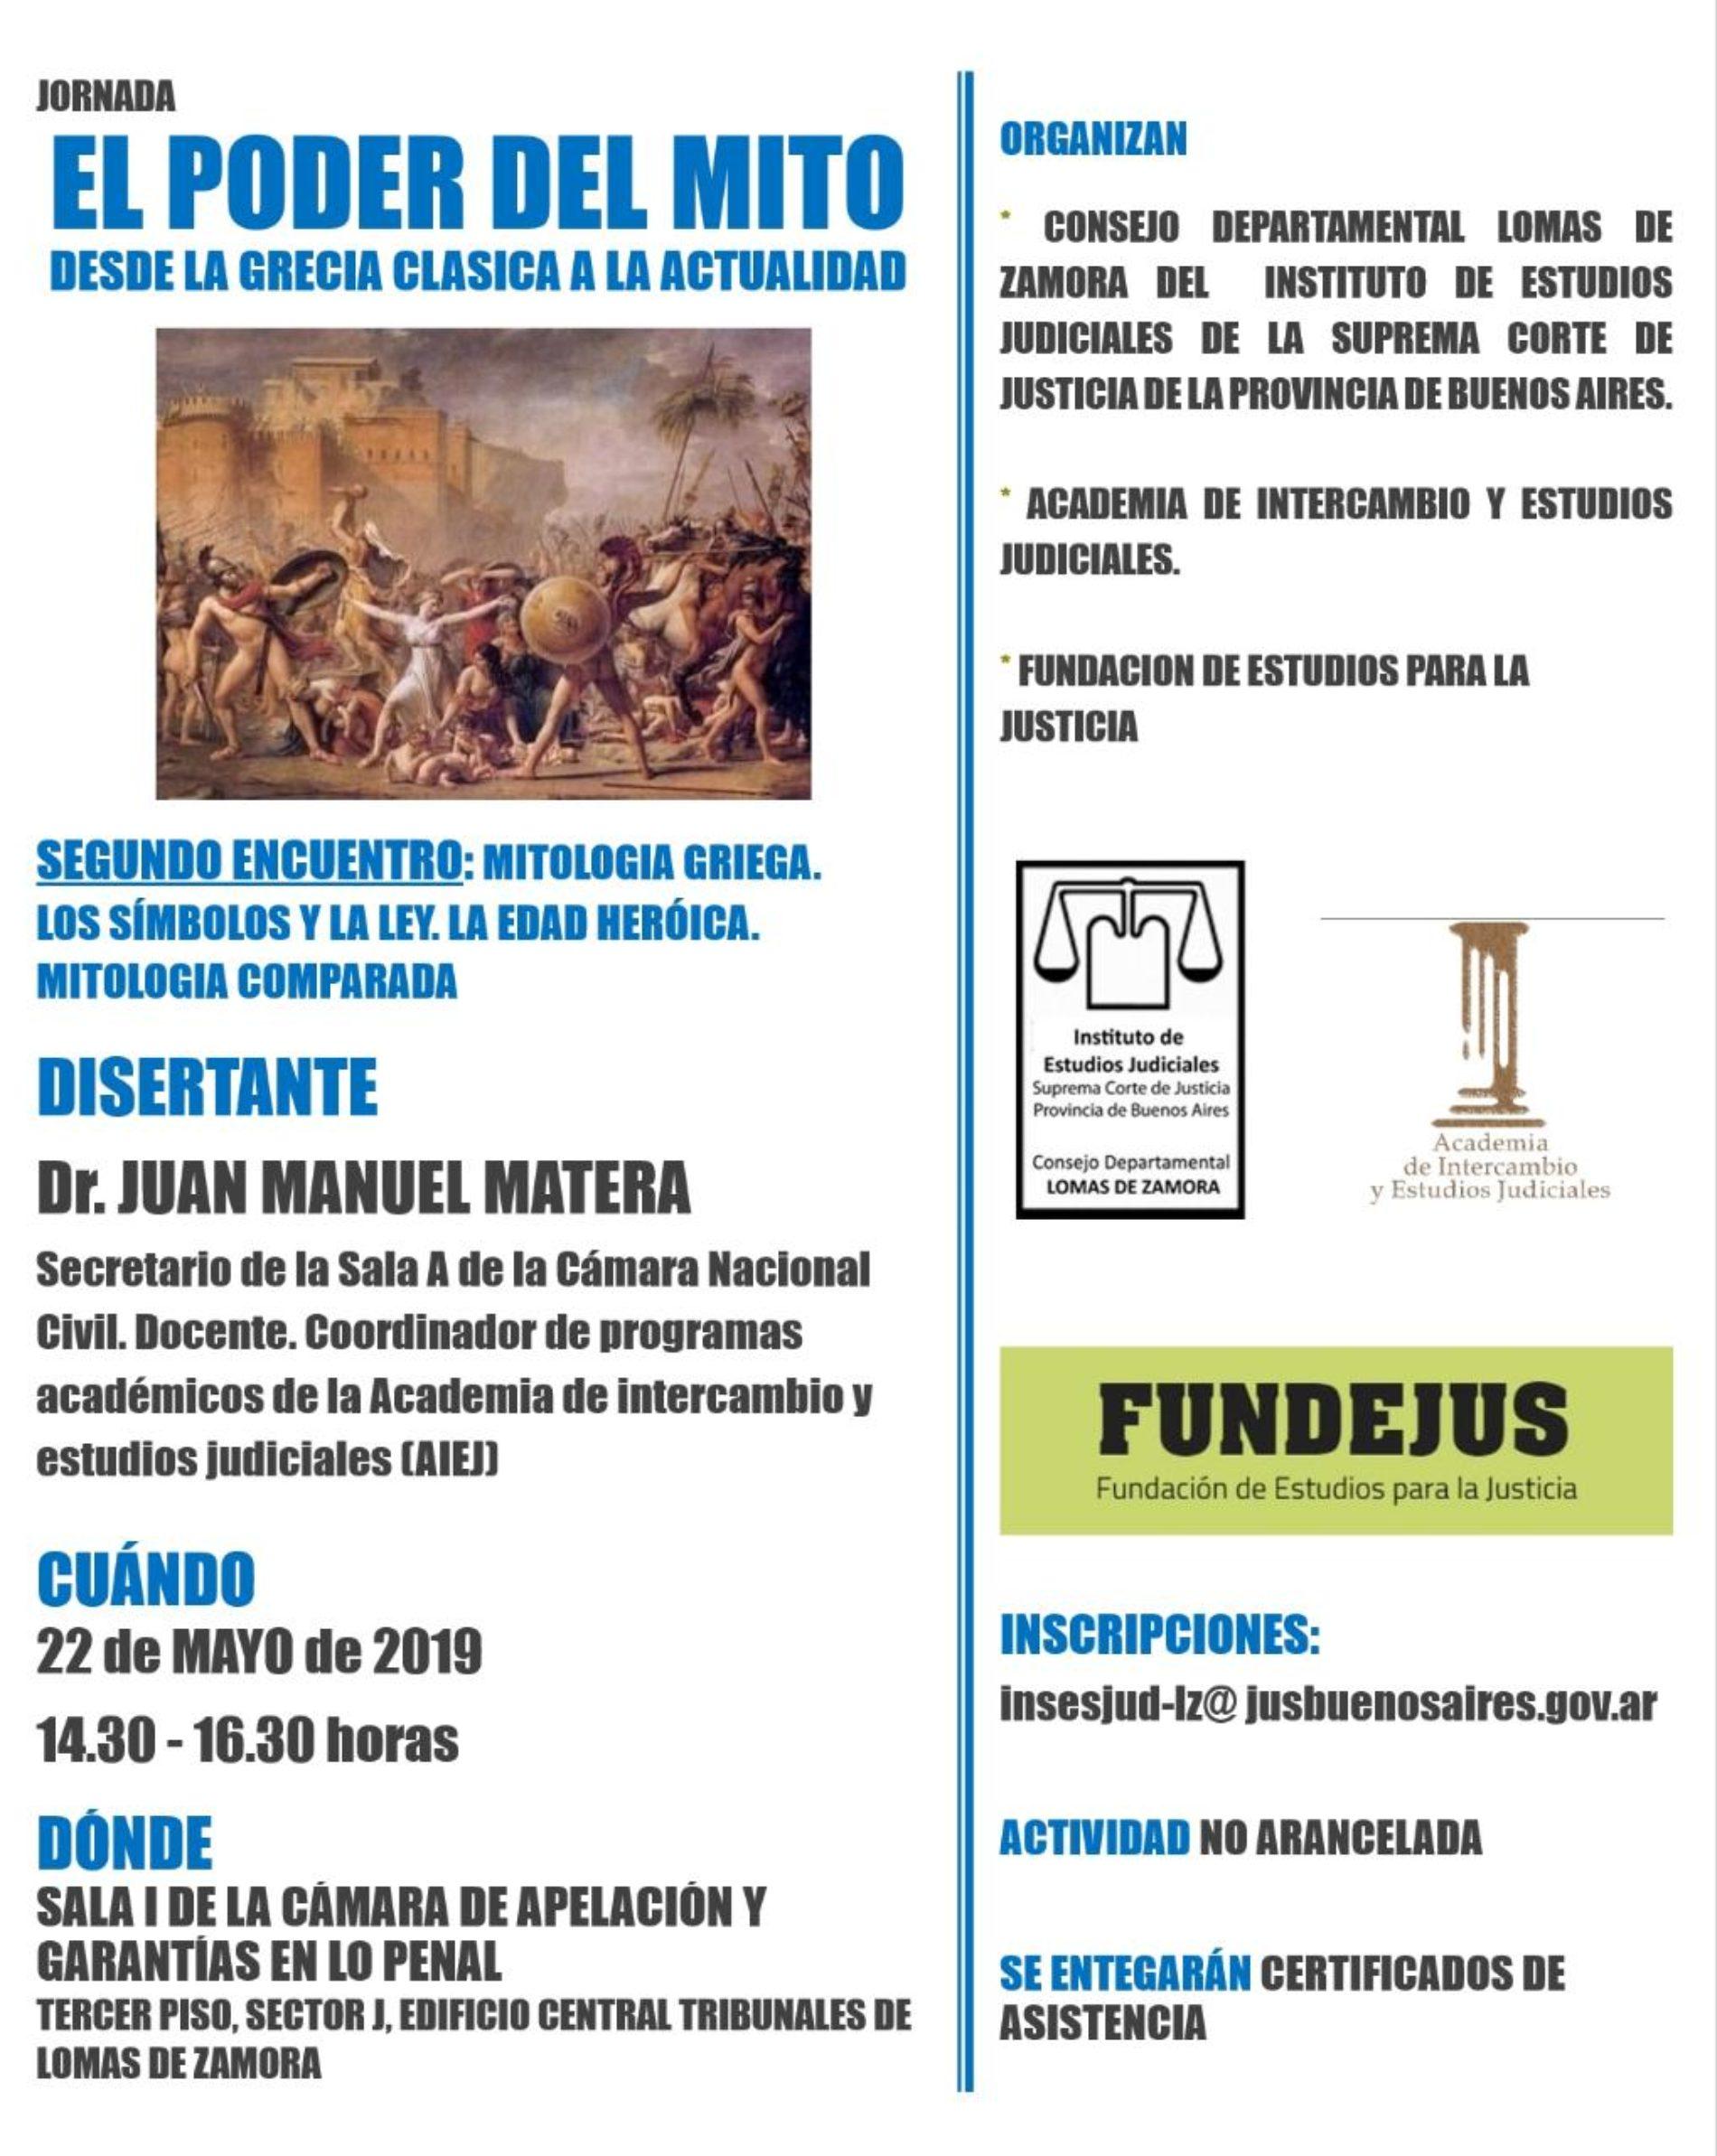 «EL PODER DEL MITO. DESDE LA GRECIA CLÁSICA HASTA LA ACTUALIDAD»